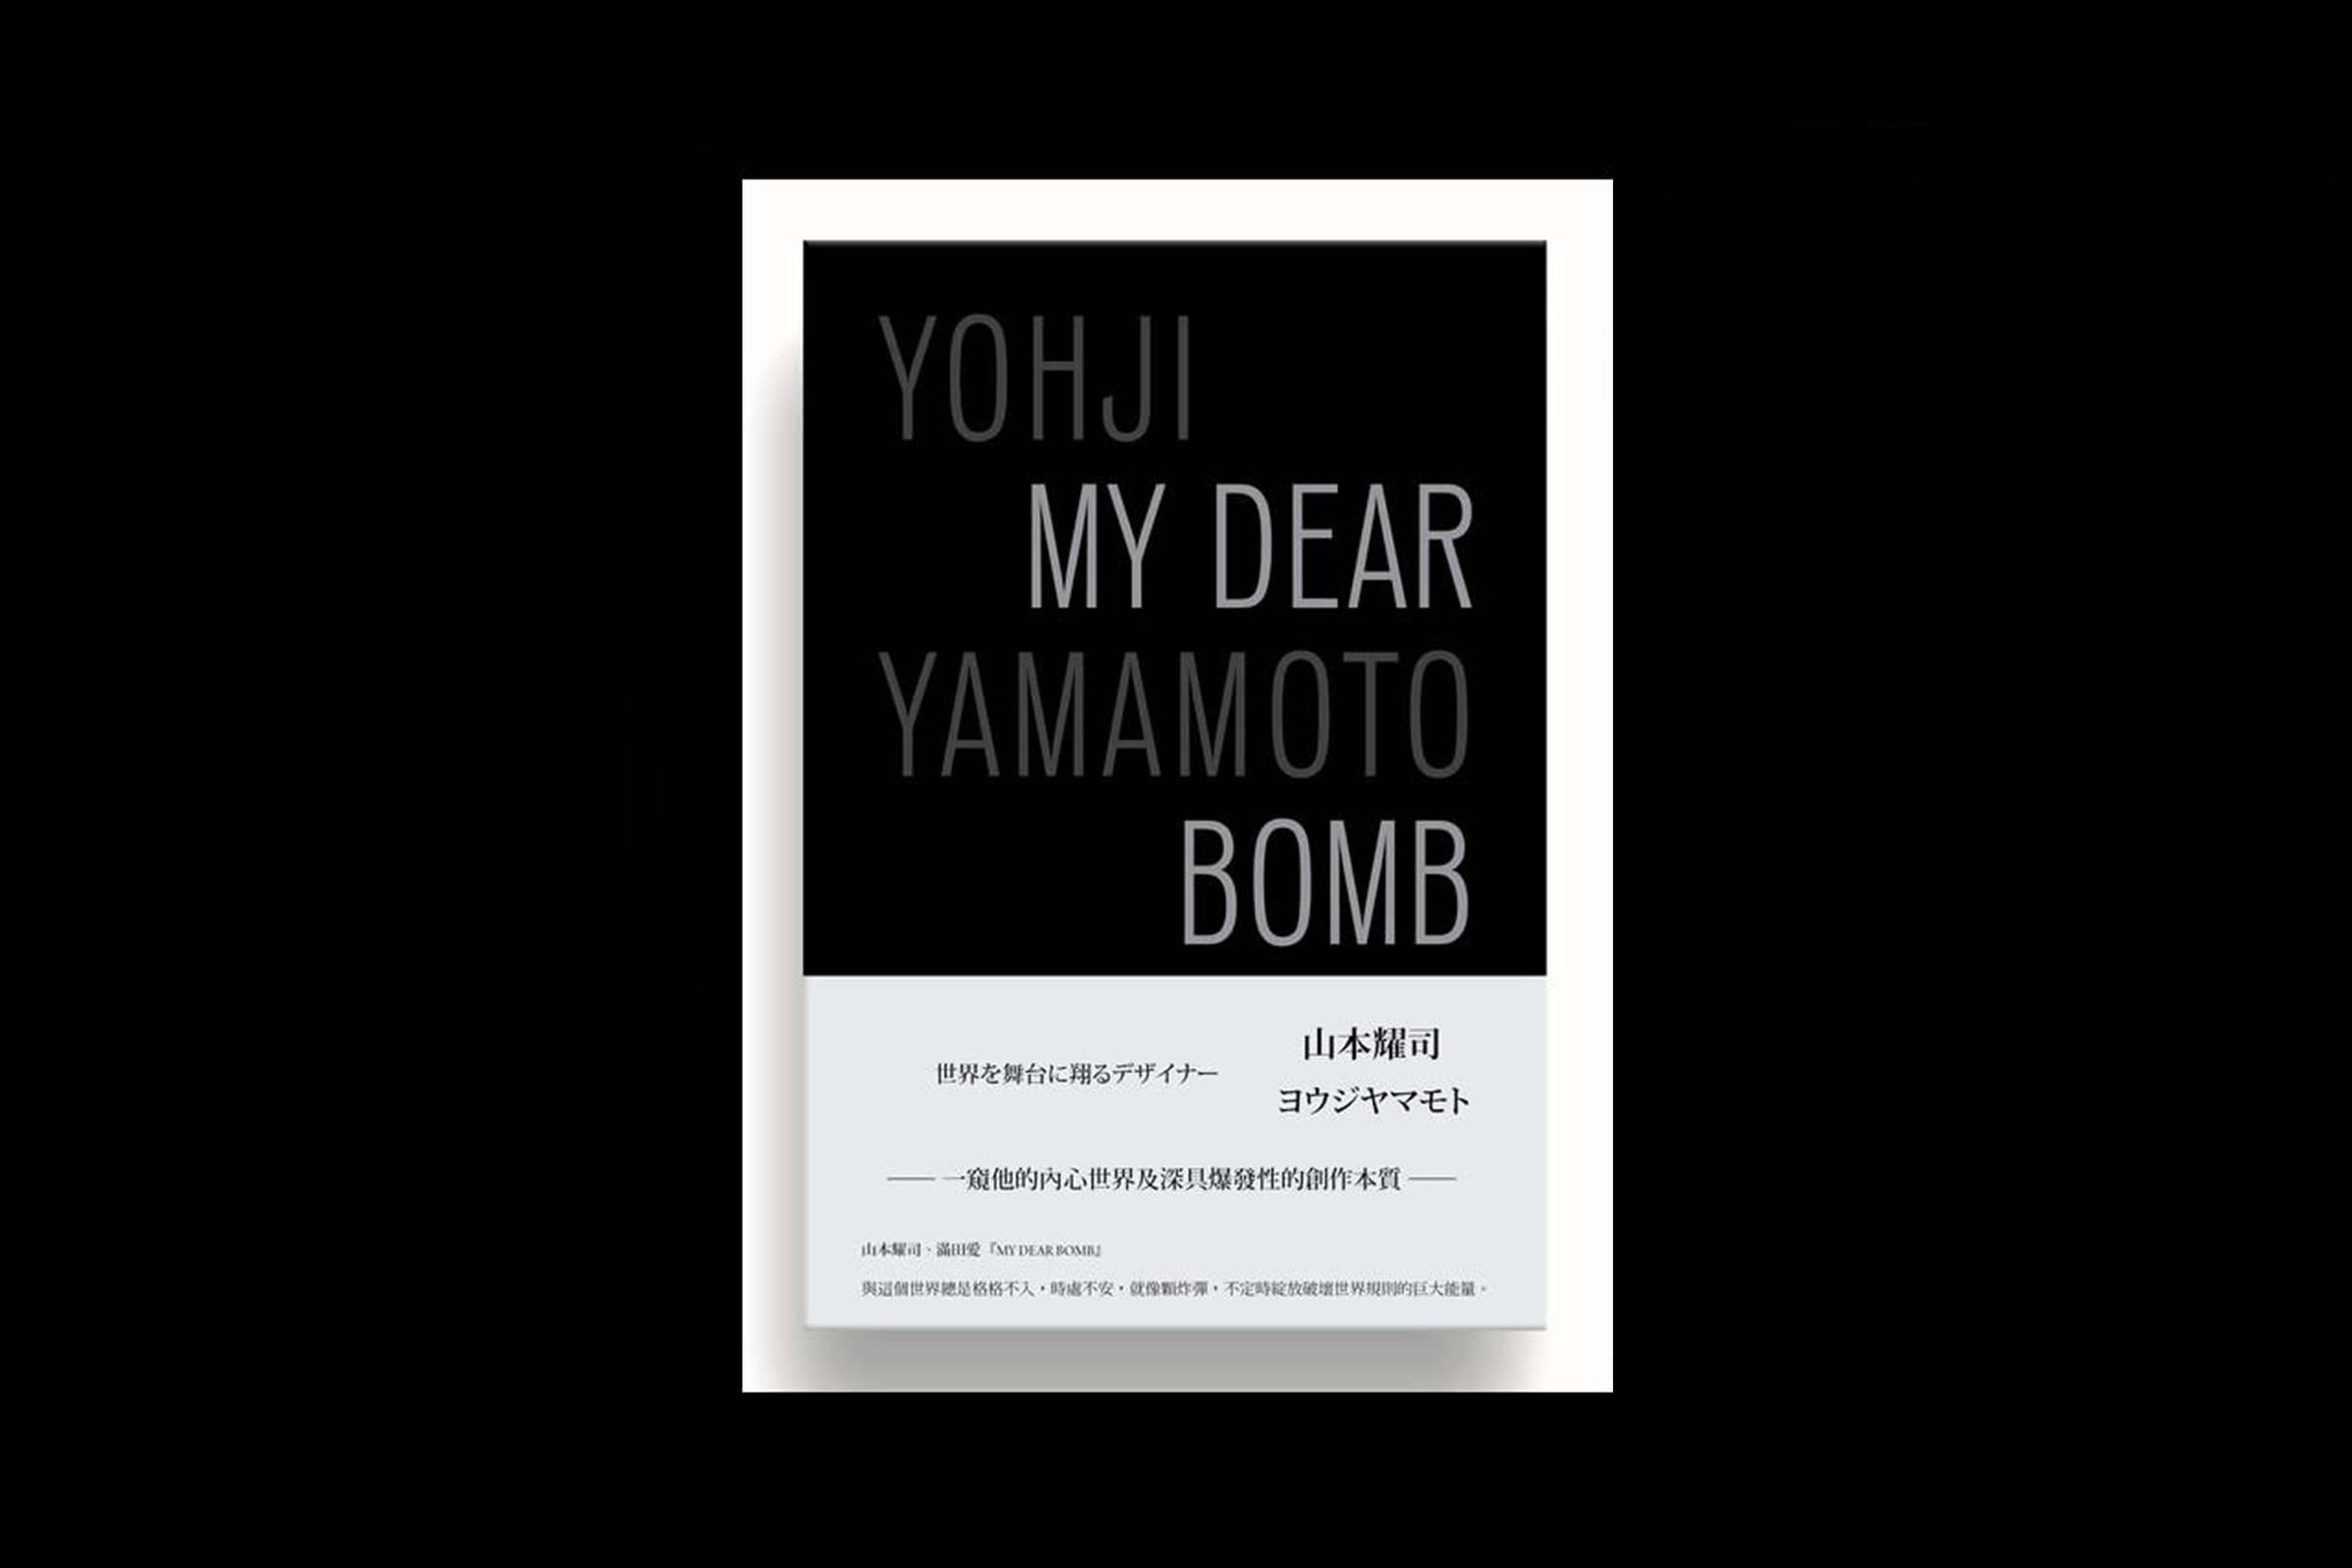 Yohji Yamamoto: My Dear Bomb (Ludion 2010)